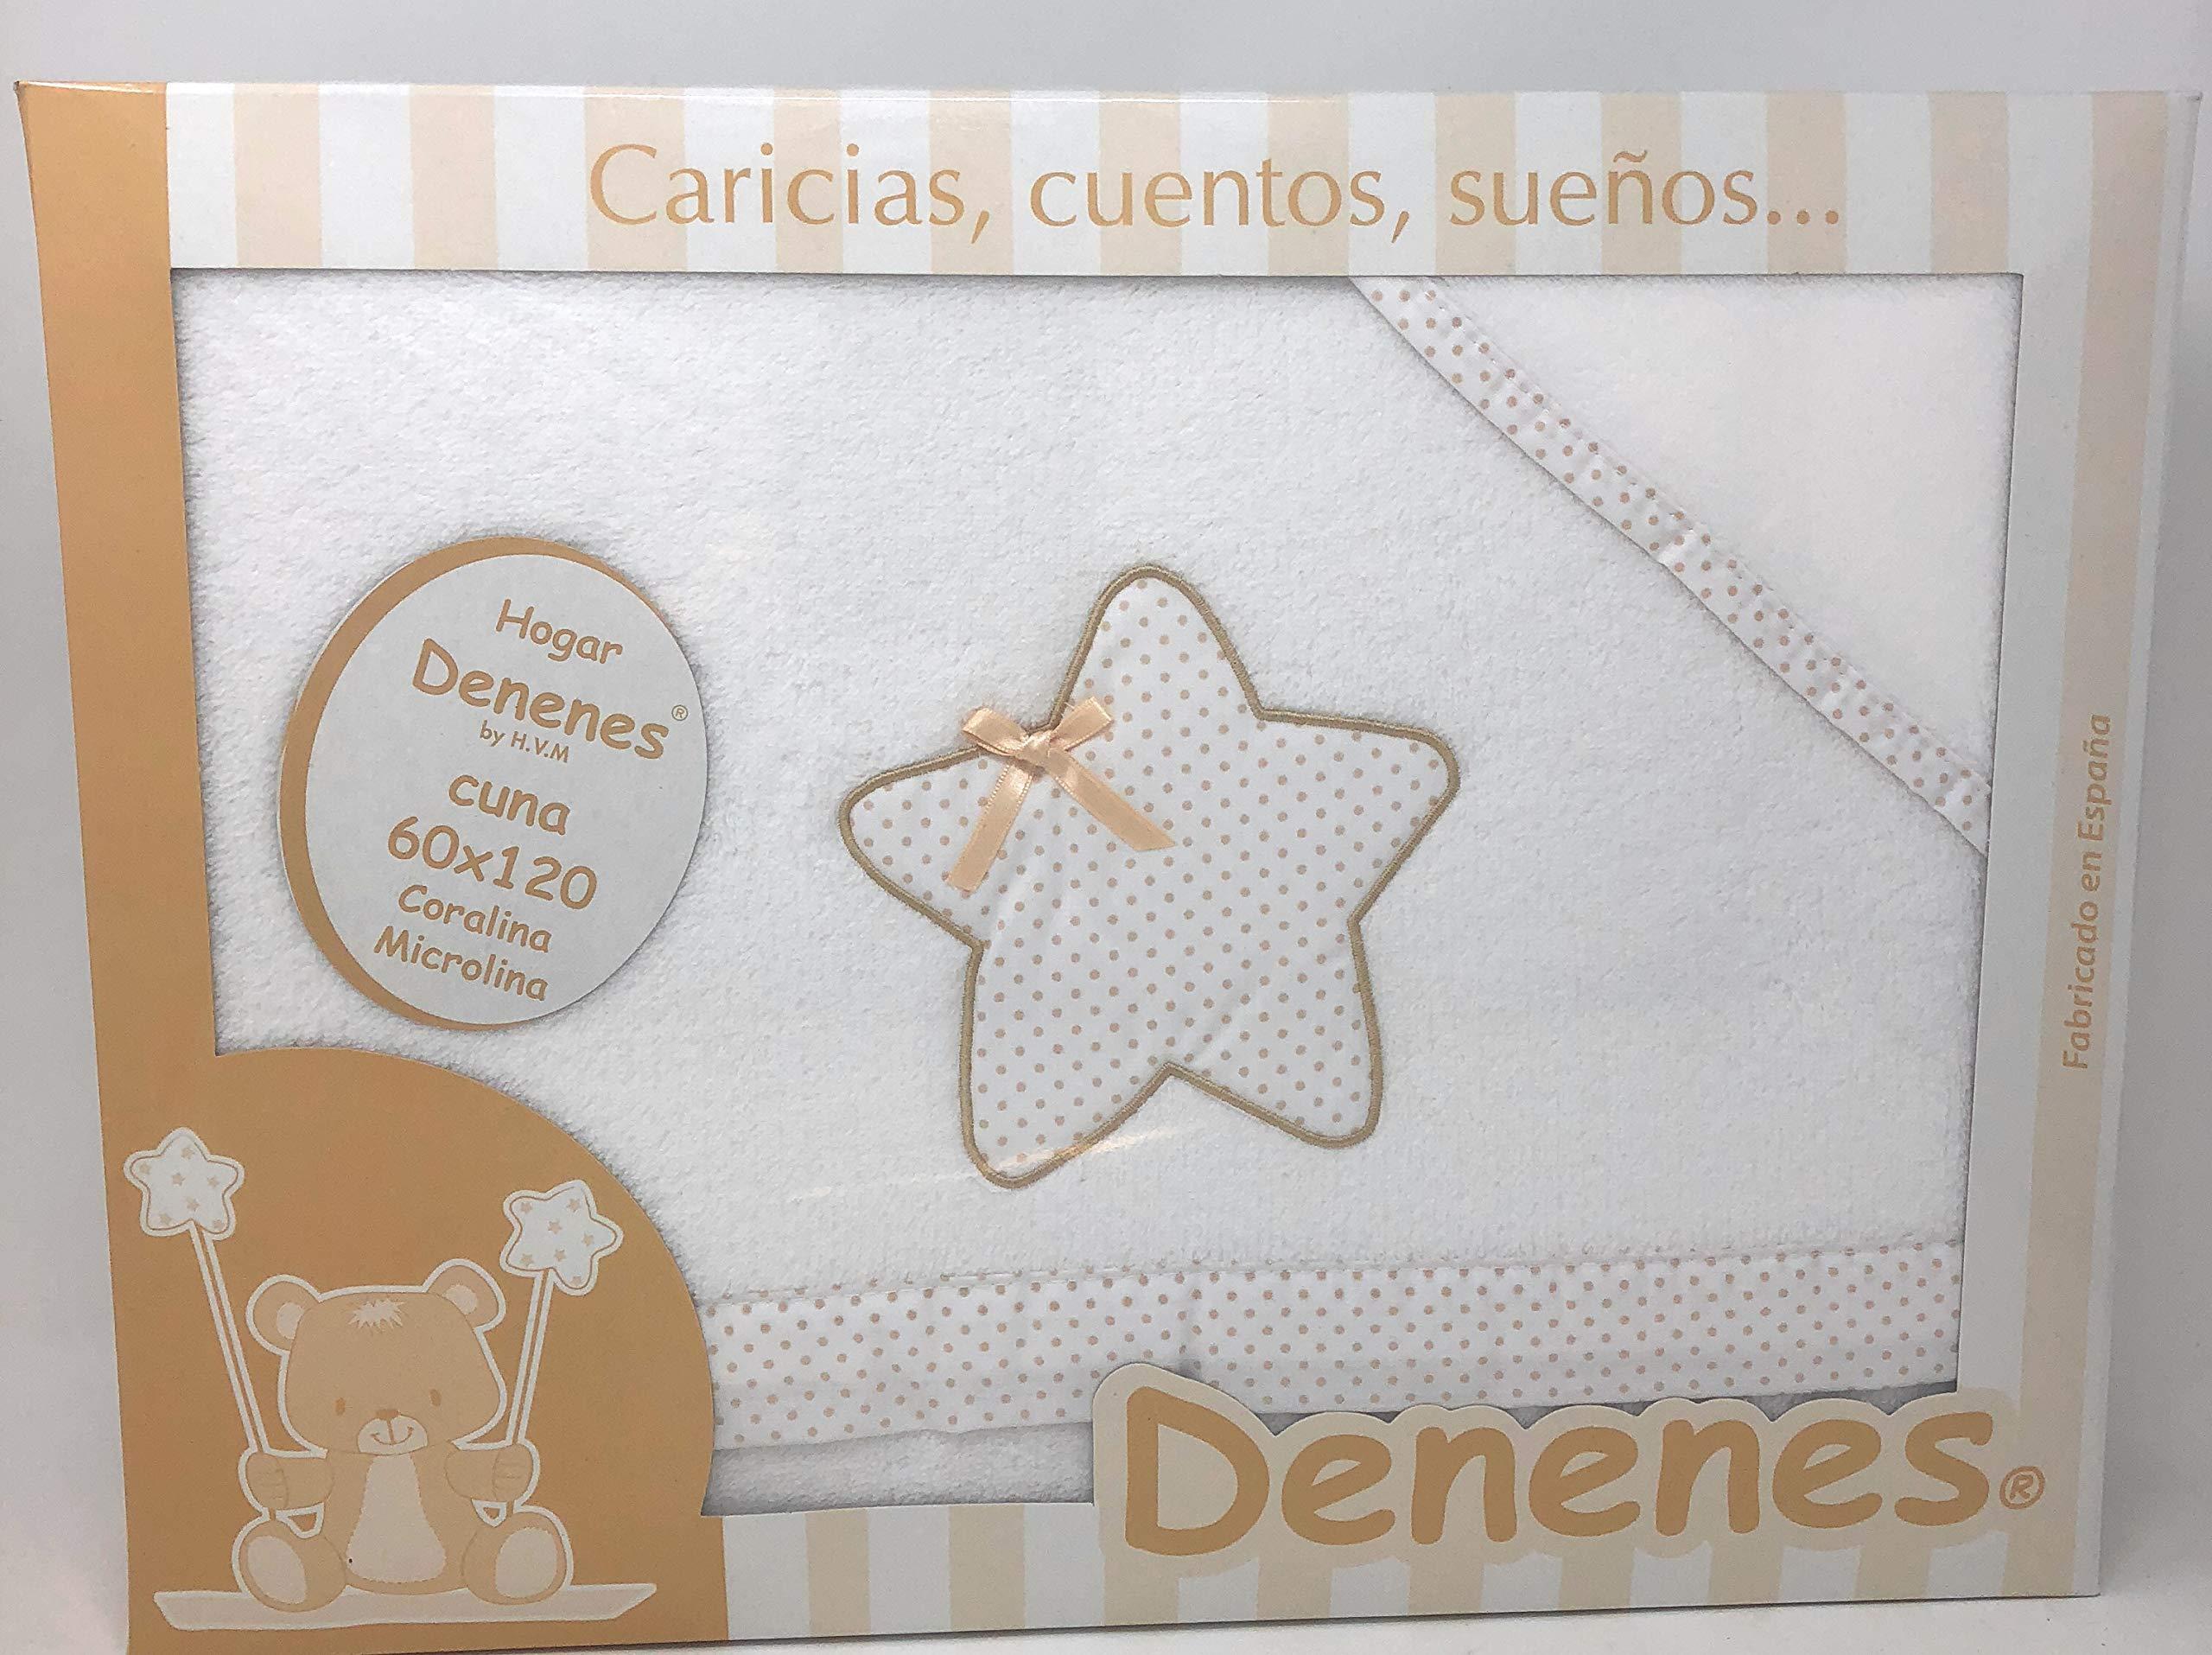 Danielstore-Sabanas invierno Coralina CUNA 60X120 - Estrella- (bajera+encimera+funda